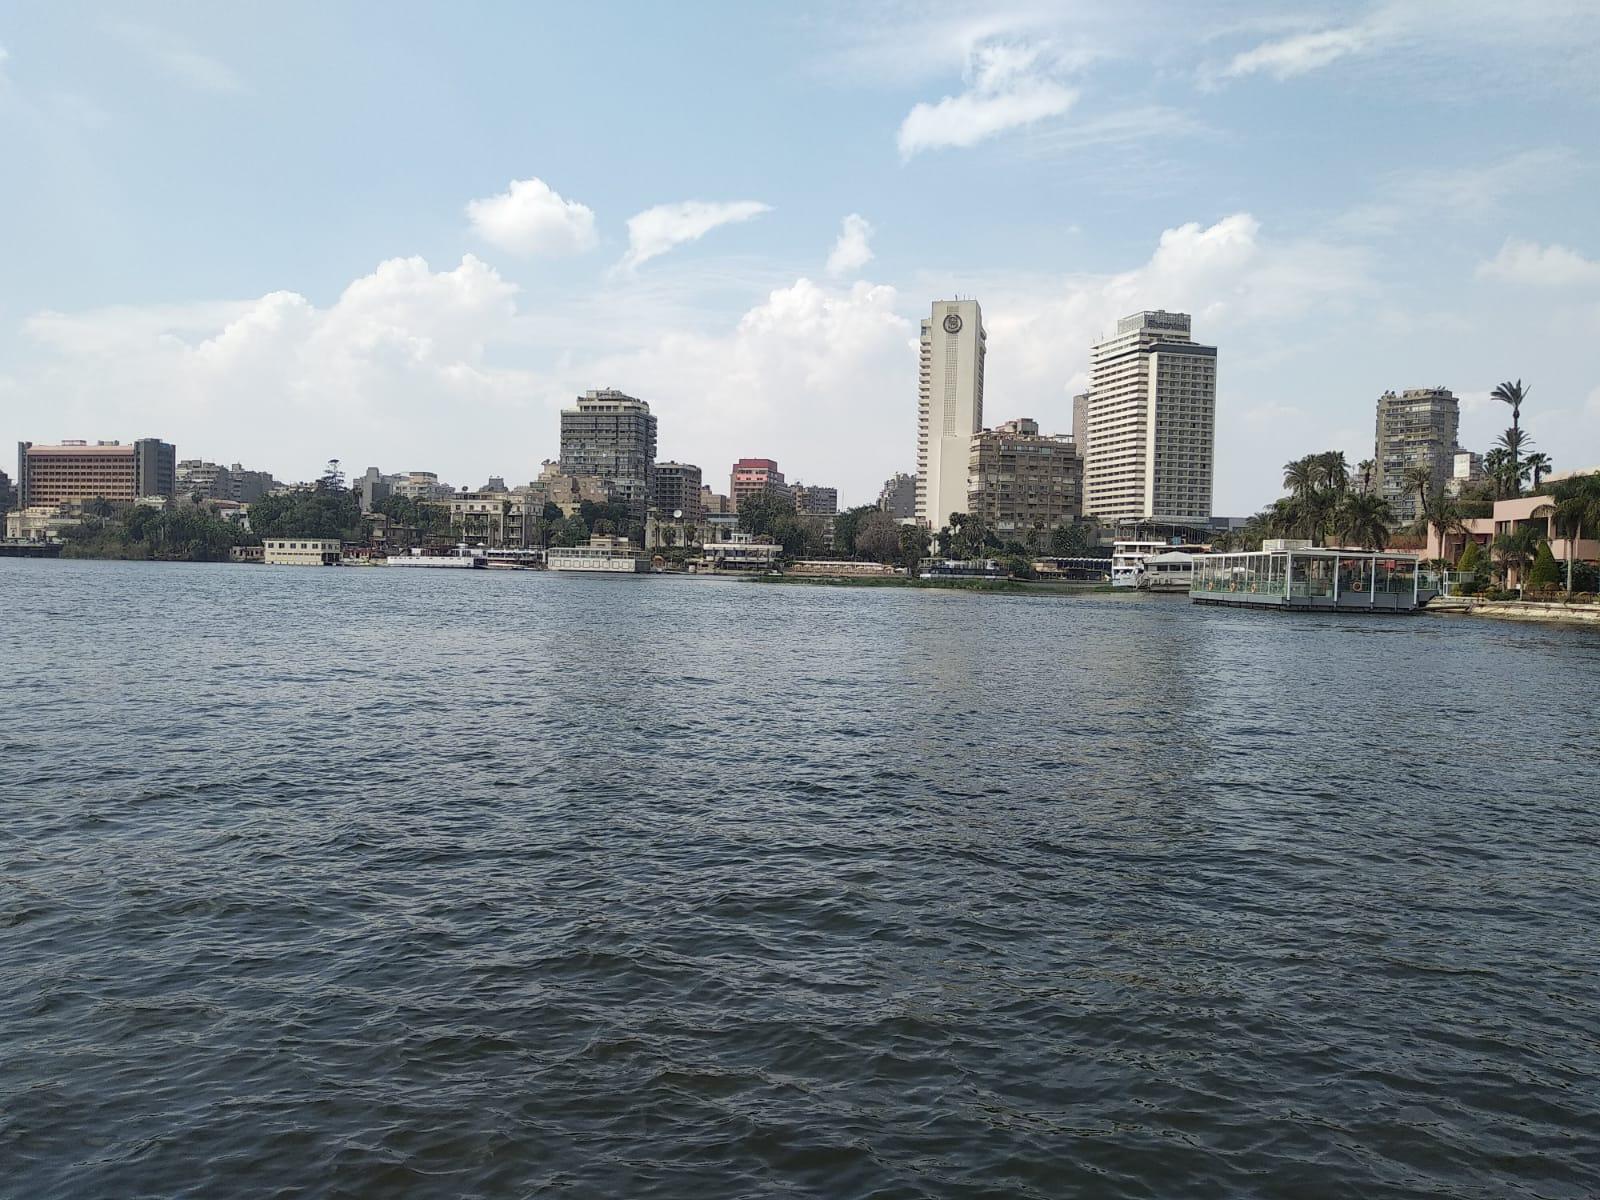 Tagesausflüge, Touren und Aktivitäten in Kairo.